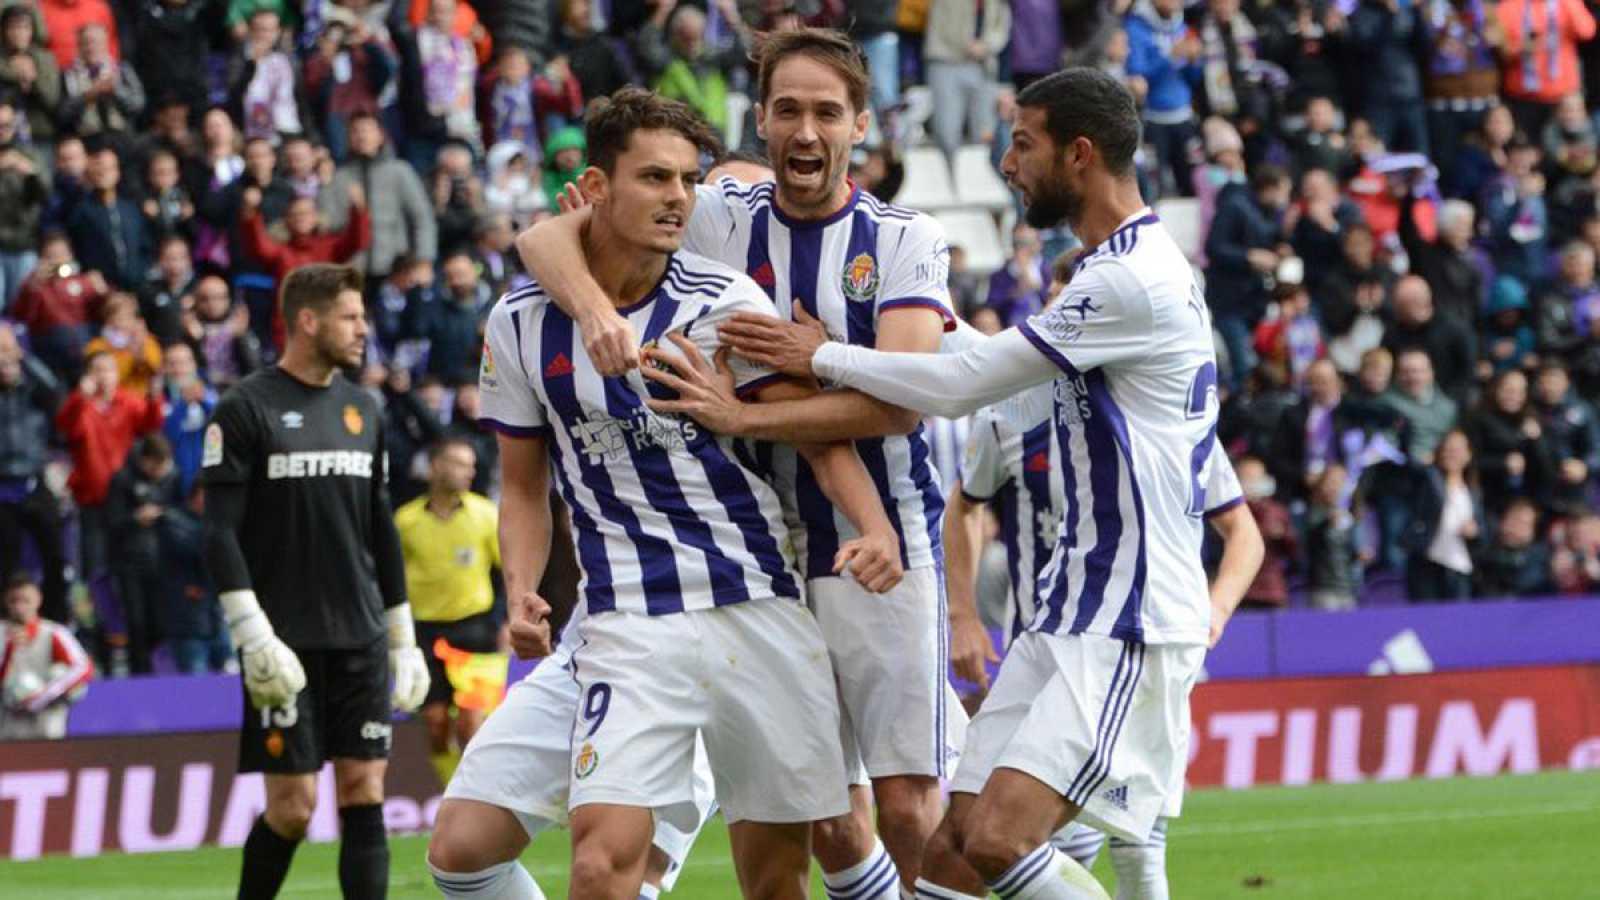 Jugadores del Valladolid celebran el tanto de Enes Ünal